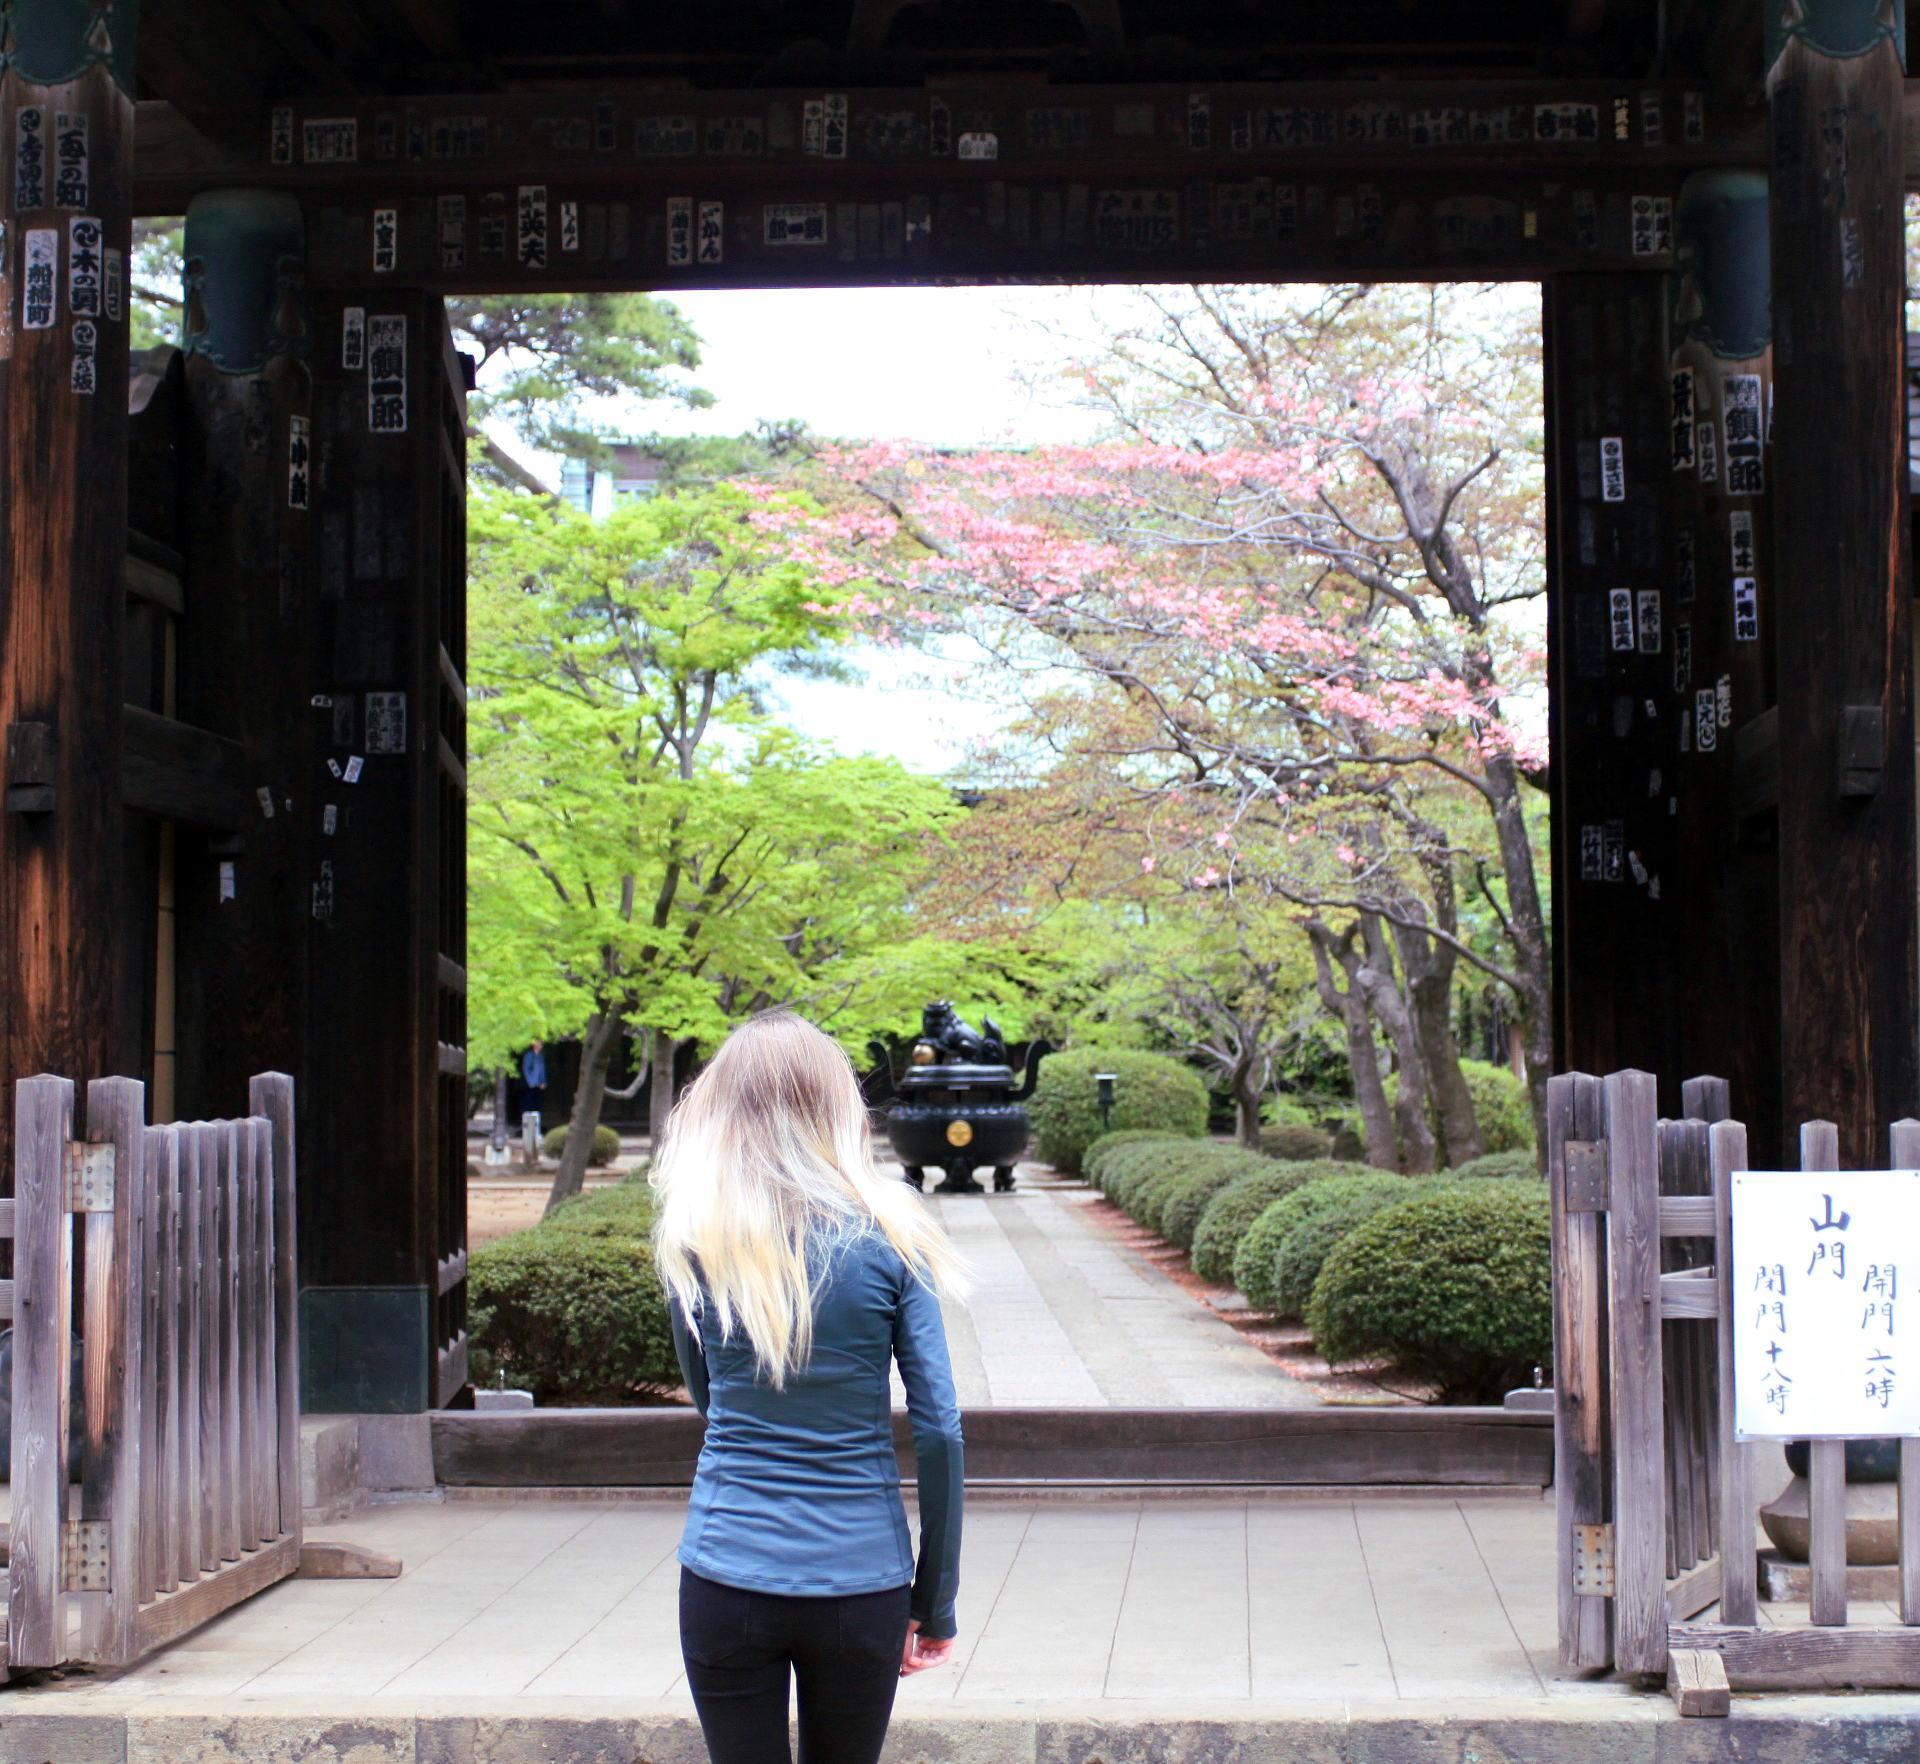 świątynia Gotokuji tokio iglawpodrozy